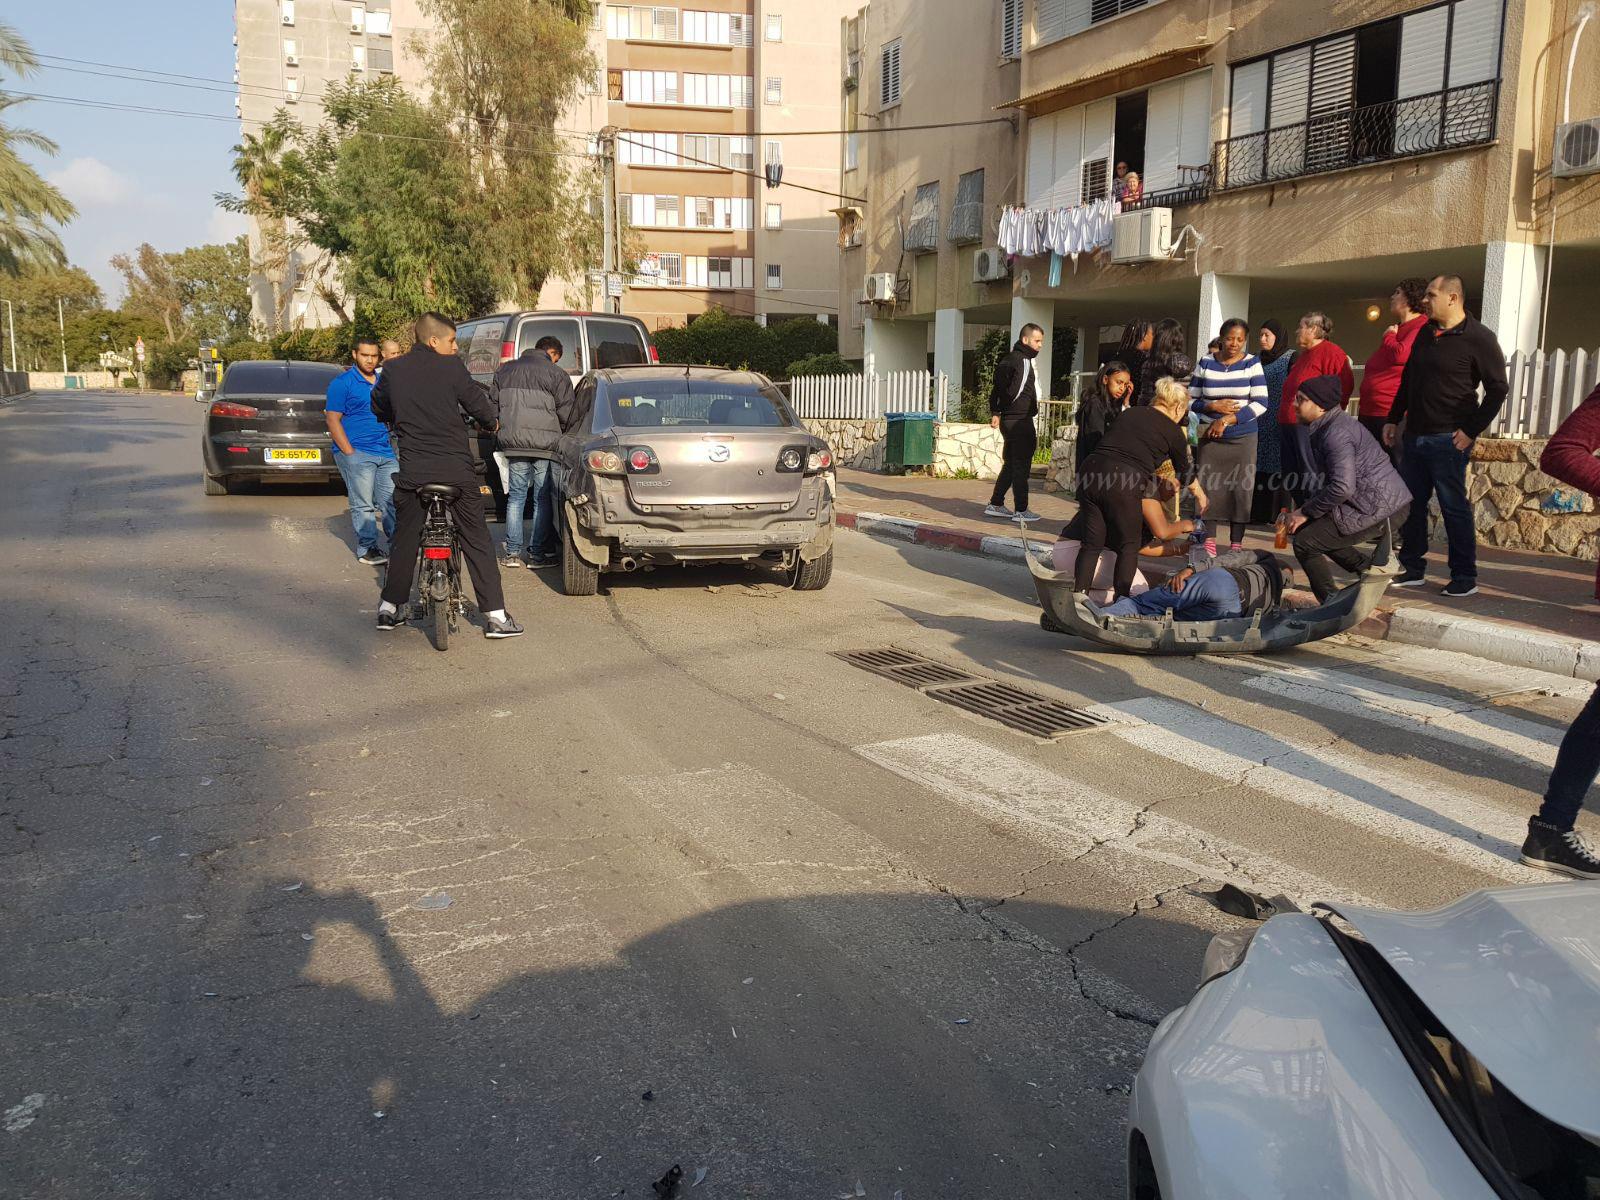 بالصور: اصابة 3 أشخاص بحادث طرق بين مركبتين في مدينة اللد